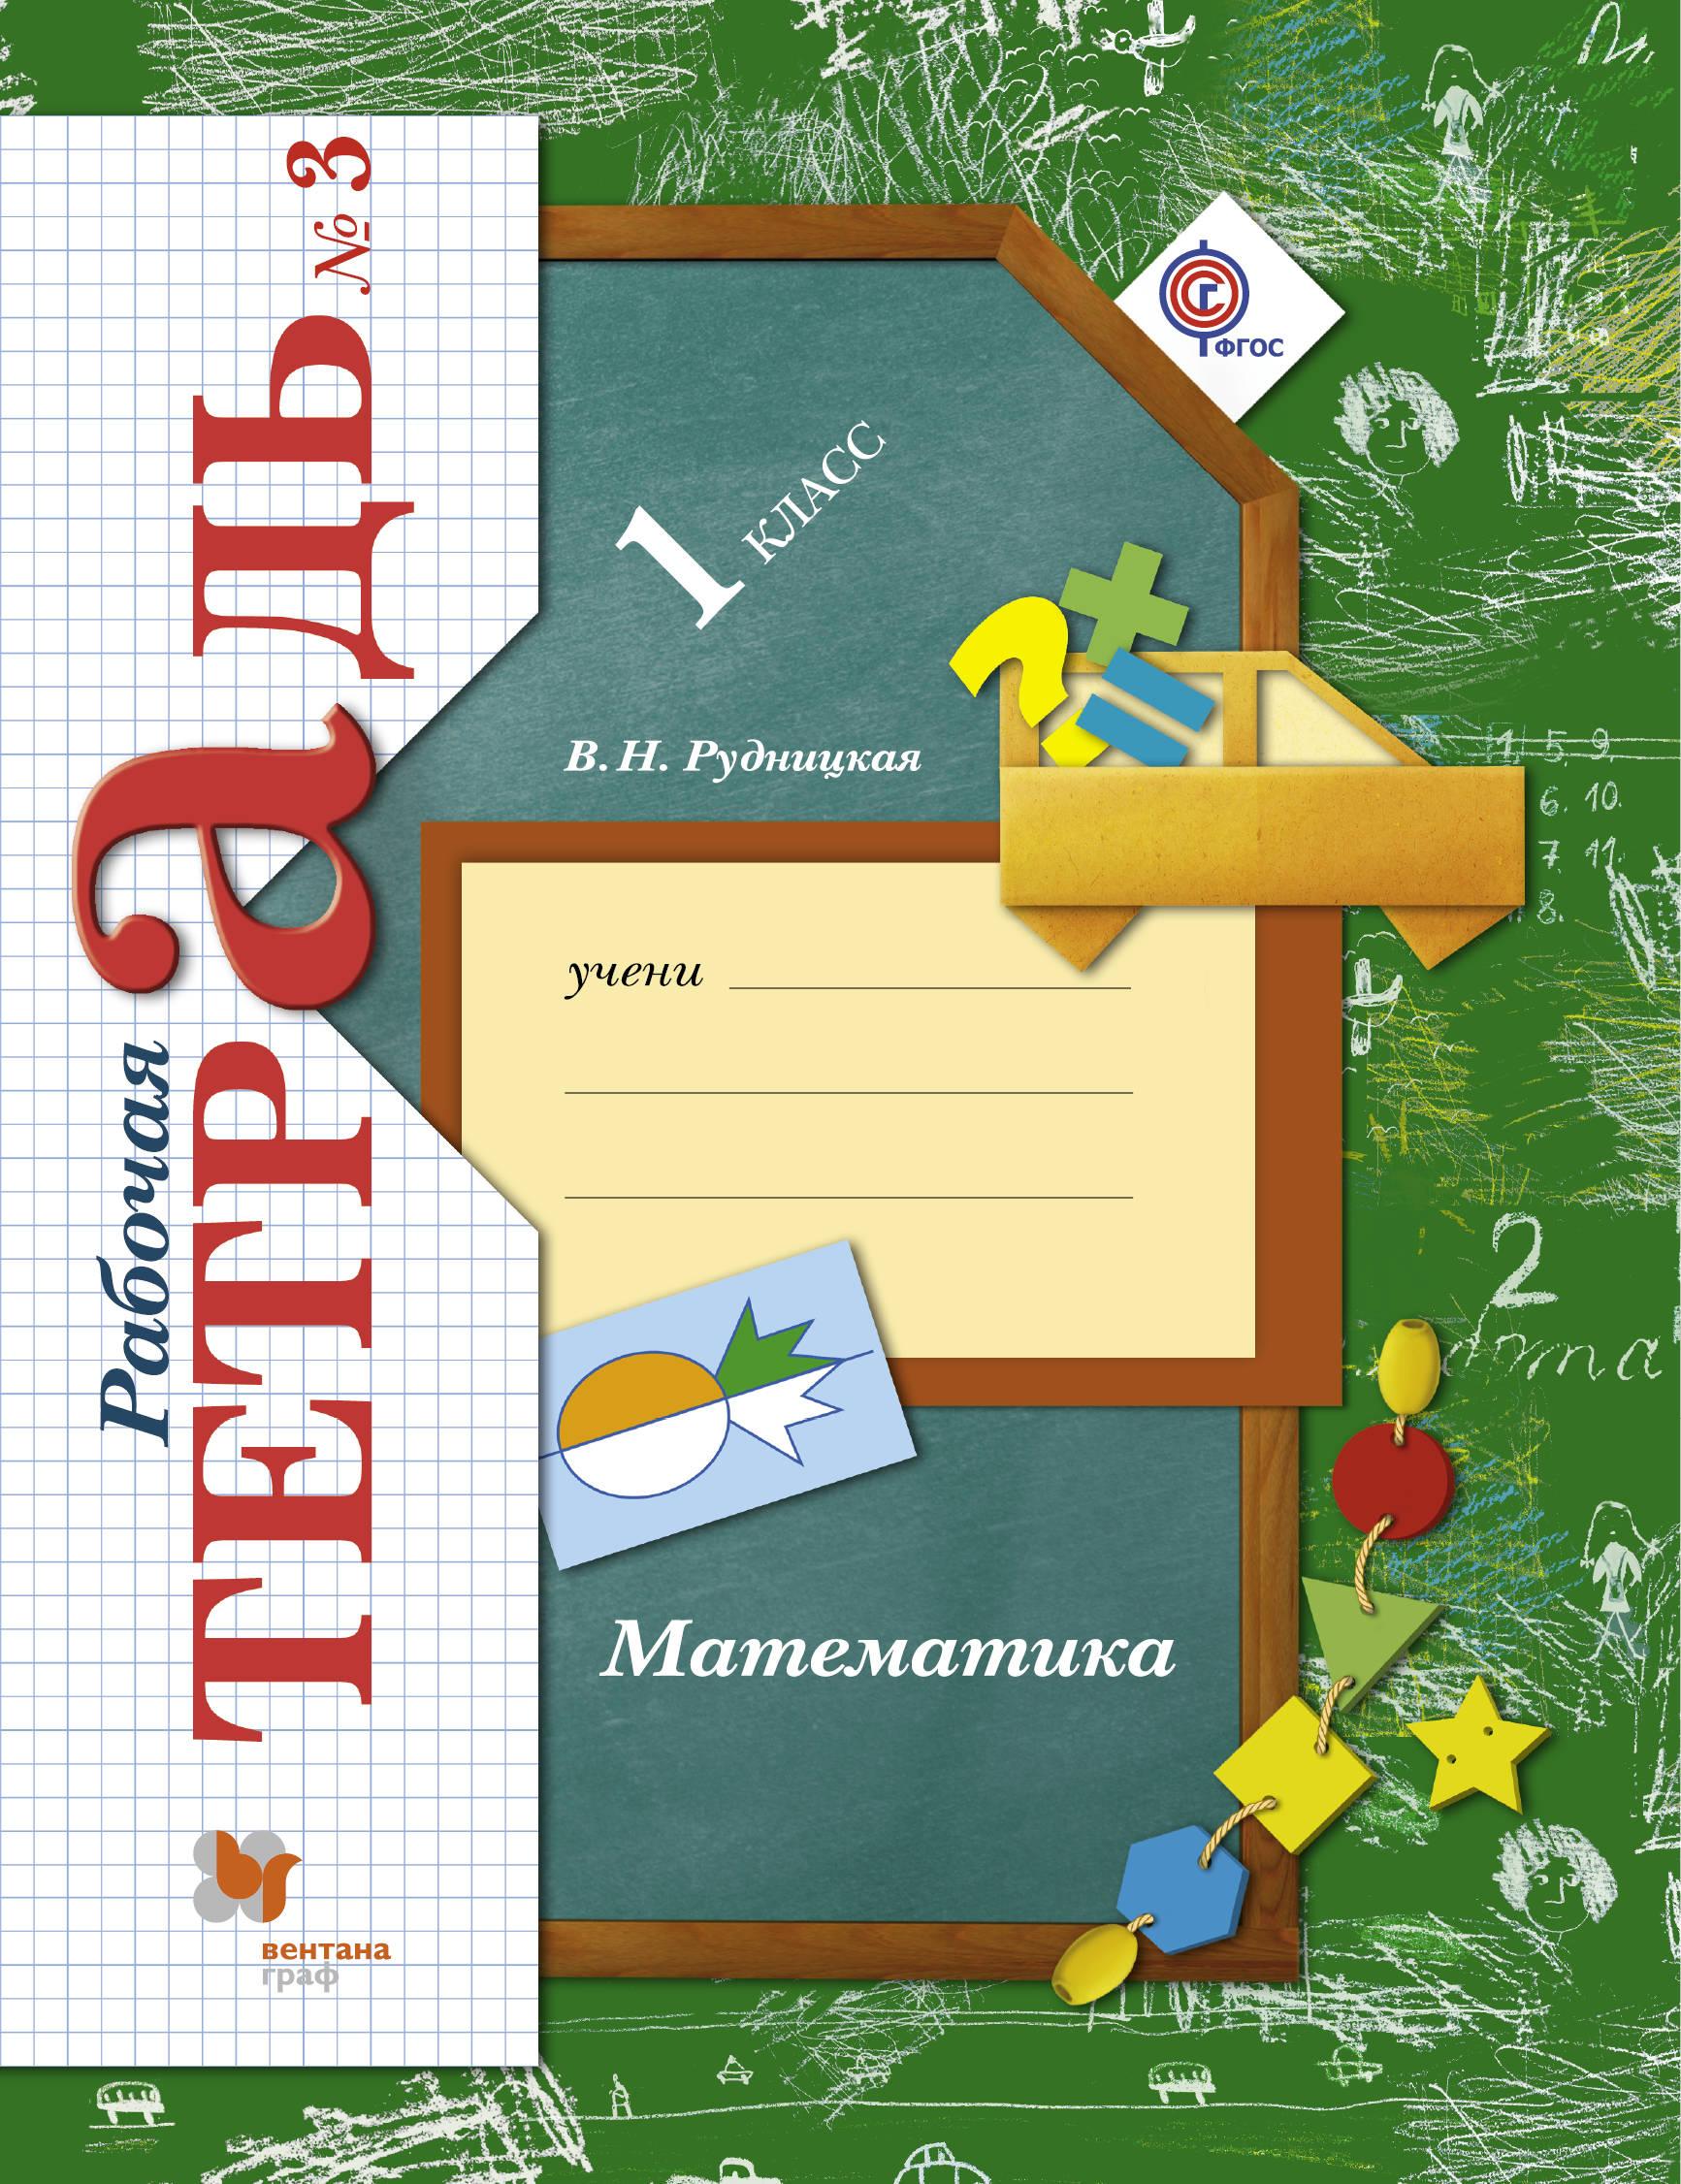 В. Н. Рудницкая Математика. 1класс. Рабочая тетрадь №3 в н рудницкая математика 1 класс рабочая тетрадь 3